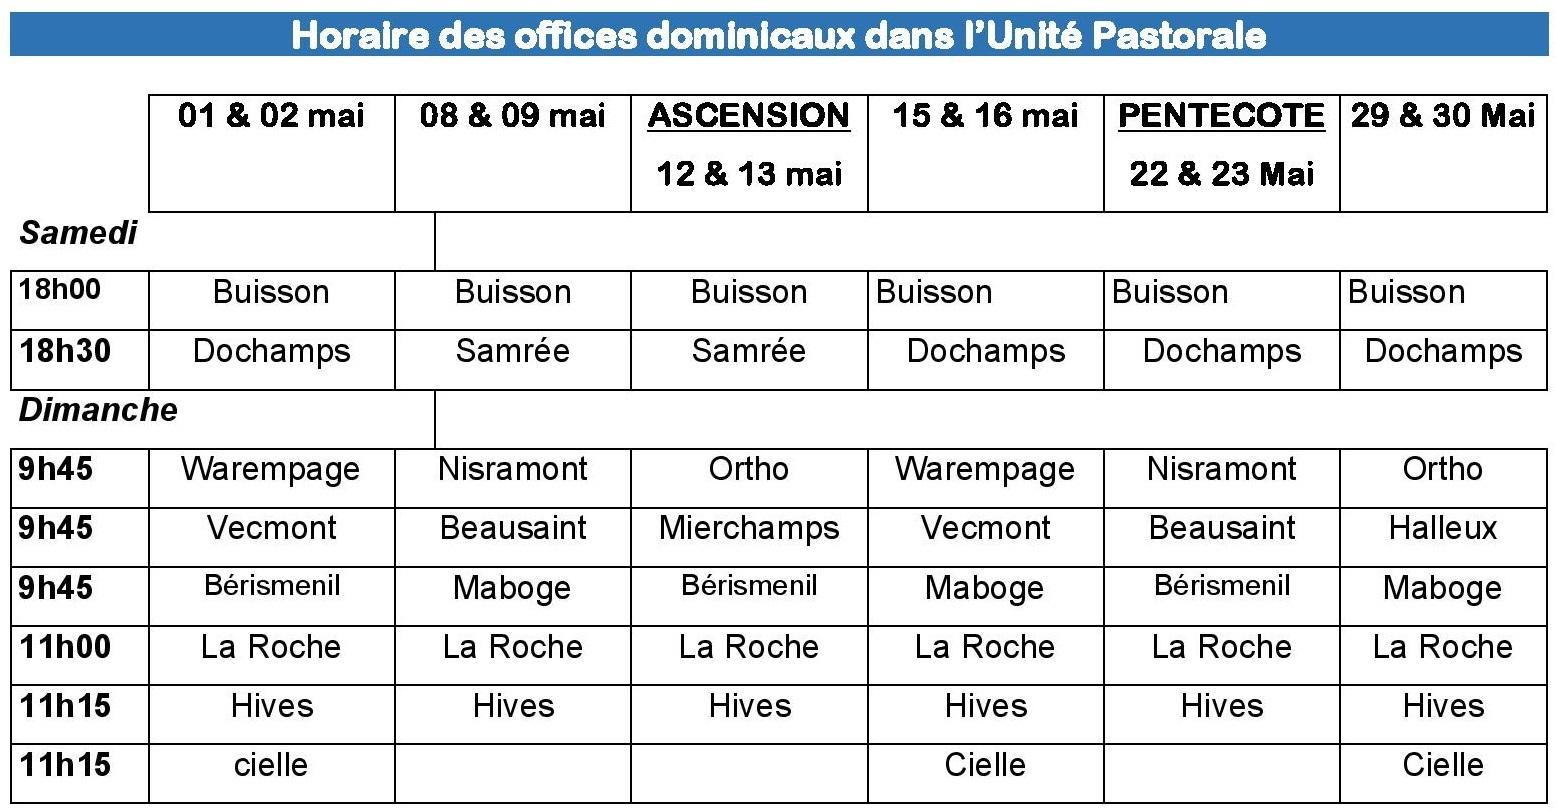 Horaire des offices dominicaux mai 2021